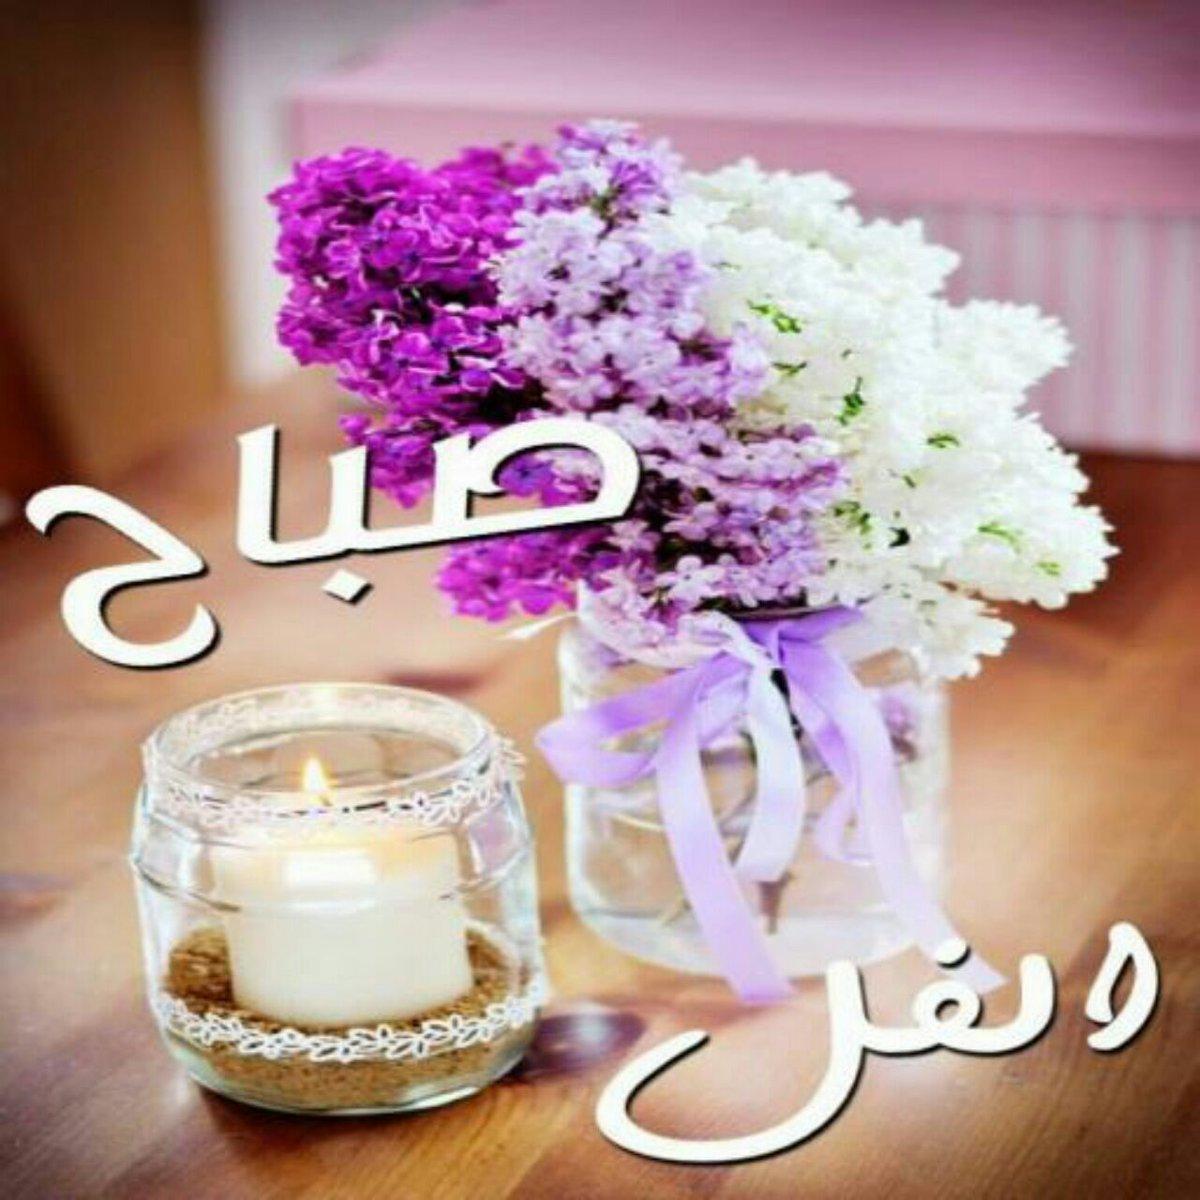 صورة صباح الورد والفل , صباح جميل بالورود